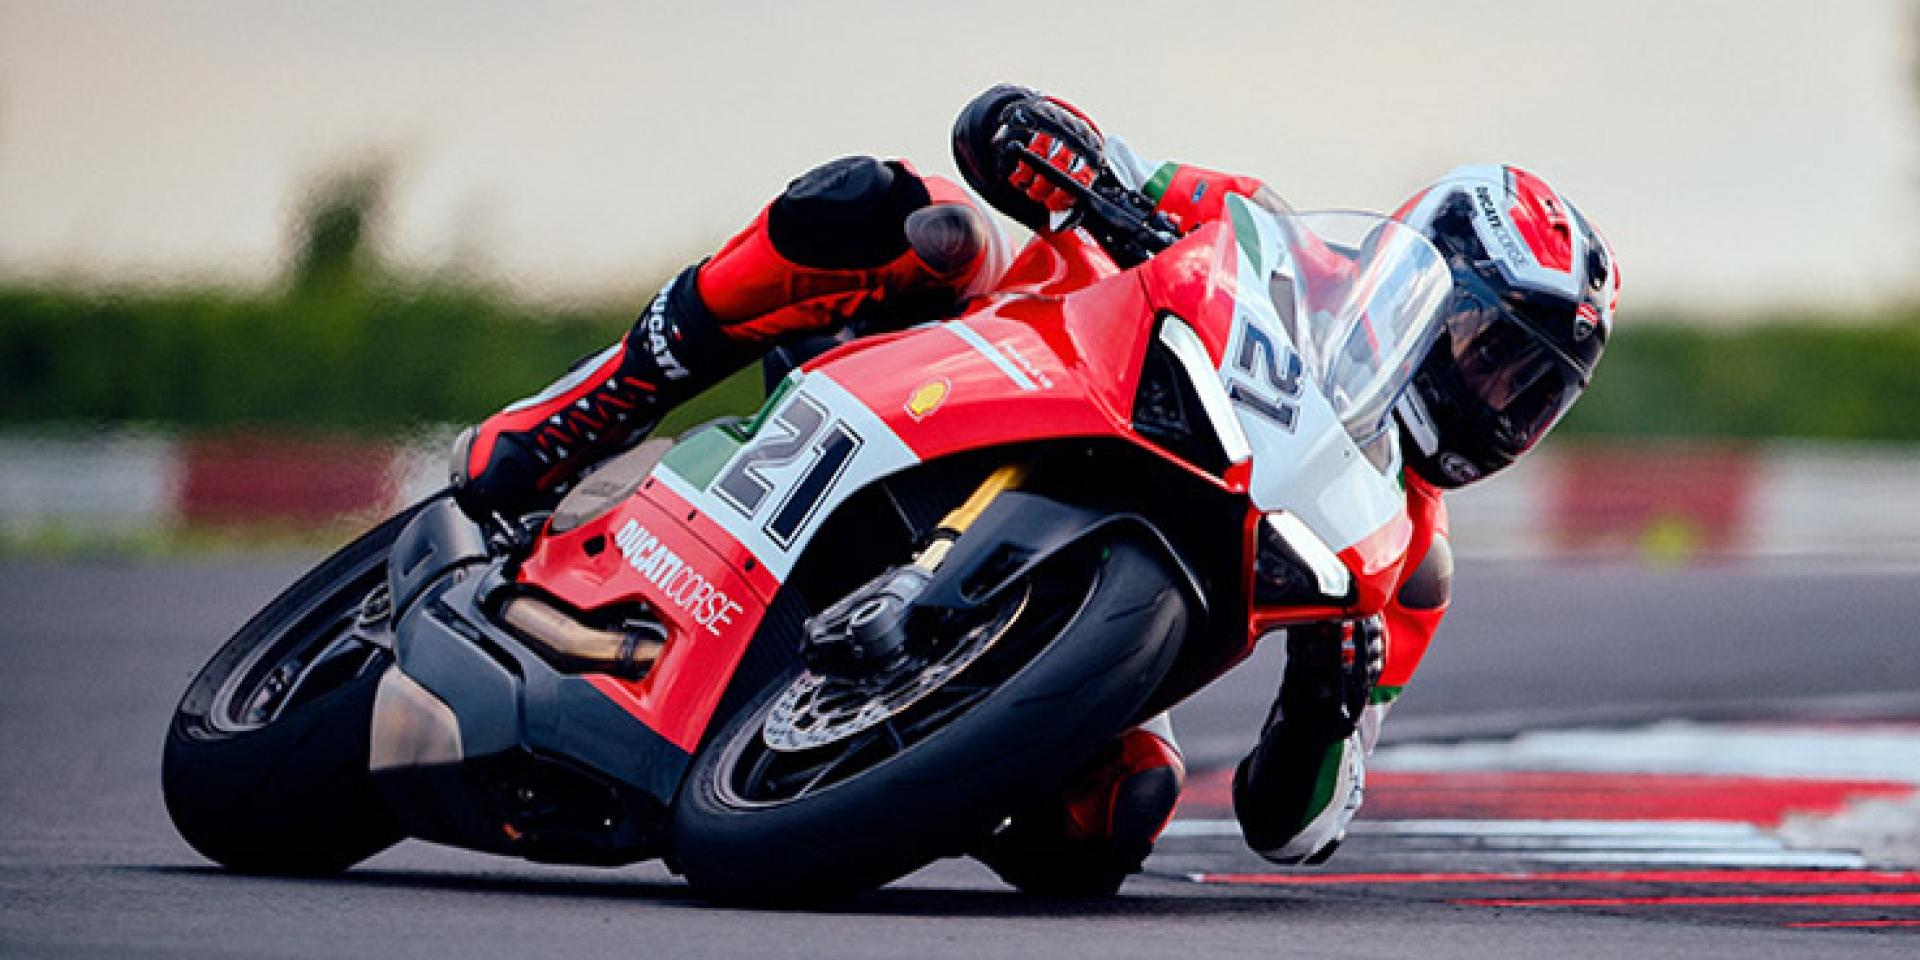 最速油漆工Troy Bayliss奪冠20週年紀念車!Ducati Panigale V2 Bayliss 1st Championship 20th Anniversary